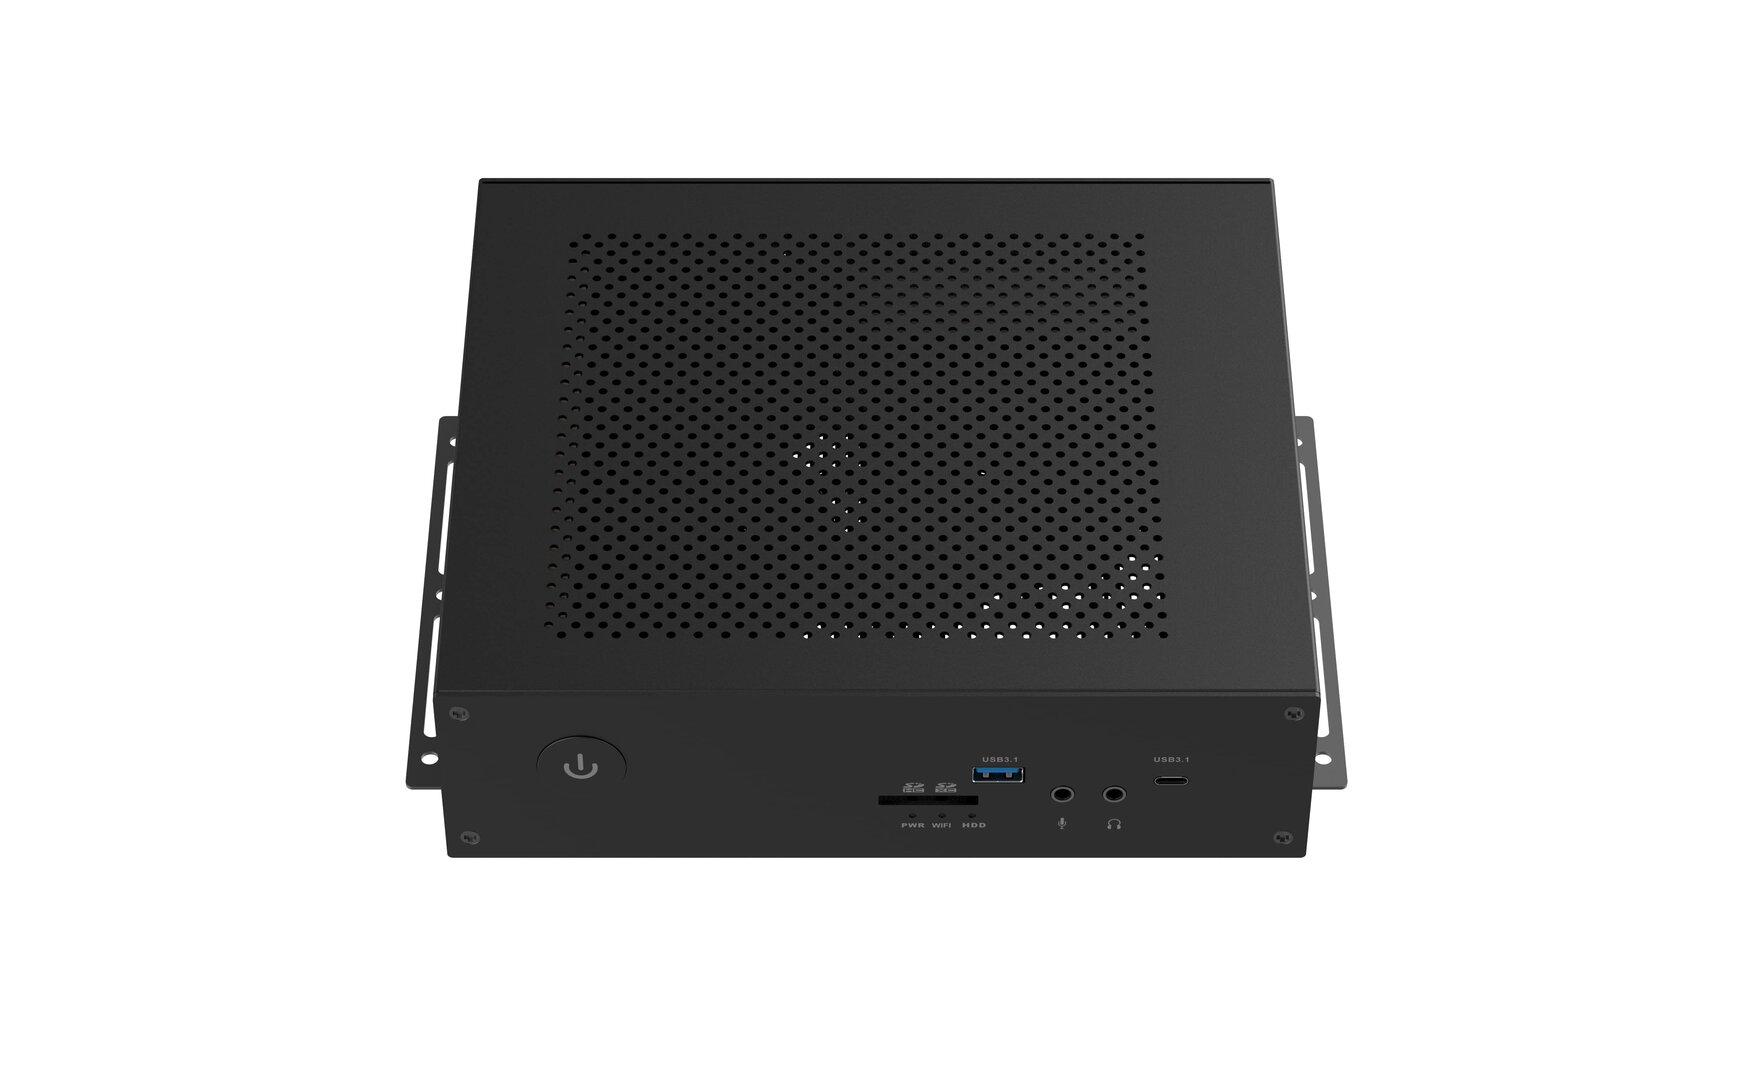 Zbox Pro QC7T3000